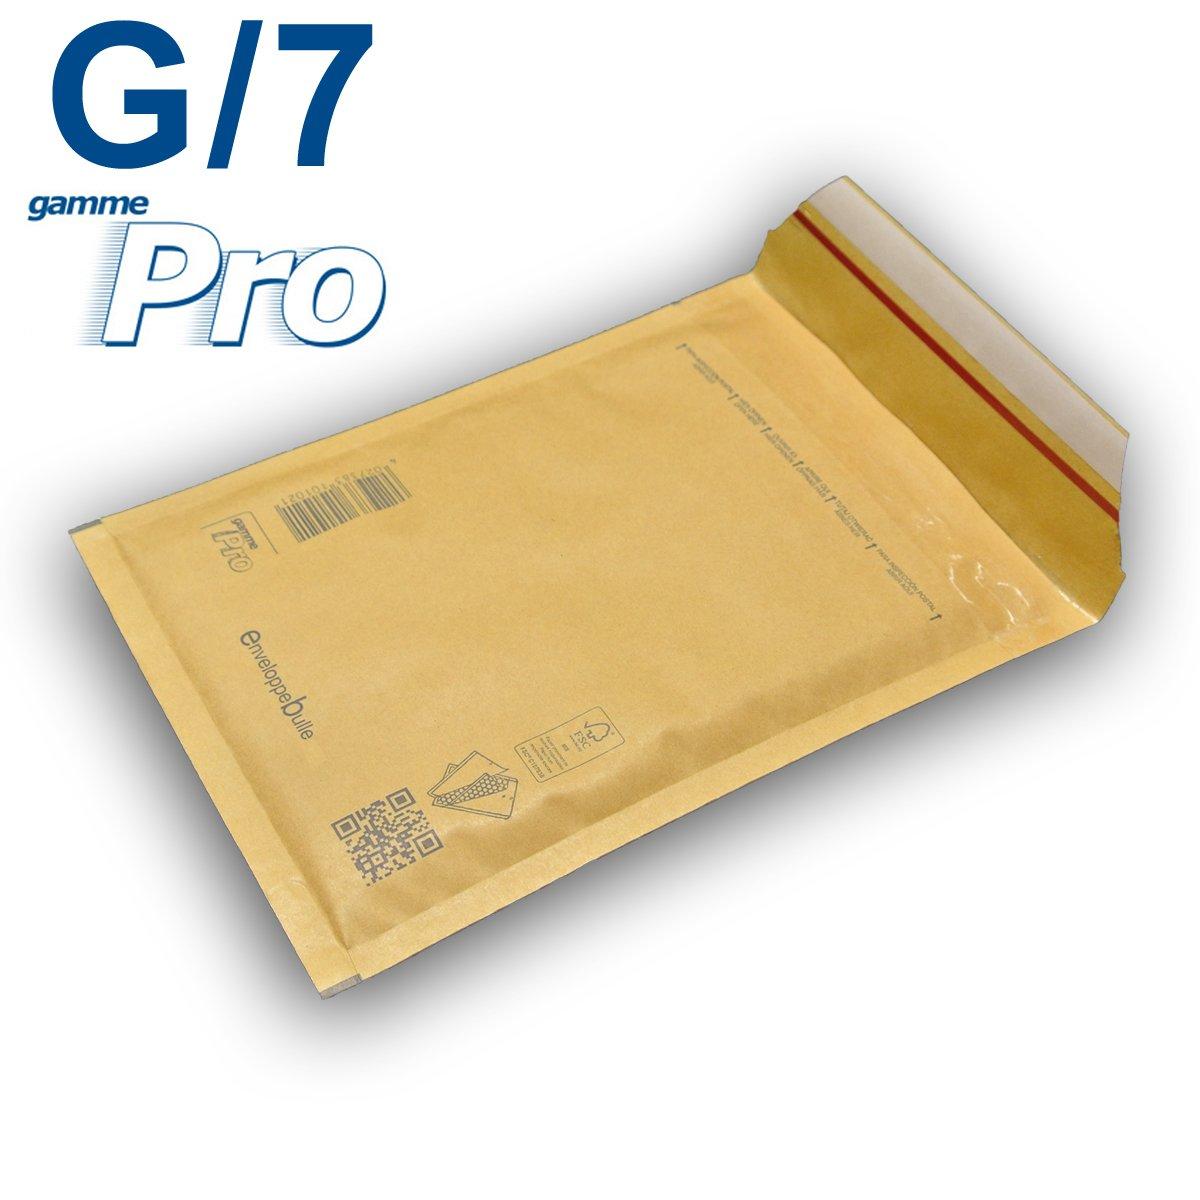 Lot de 10 enveloppes à bulles *MARRON* gamme PRO G/7 format 230x335mm enveloppebulle G/7 gamme PRO